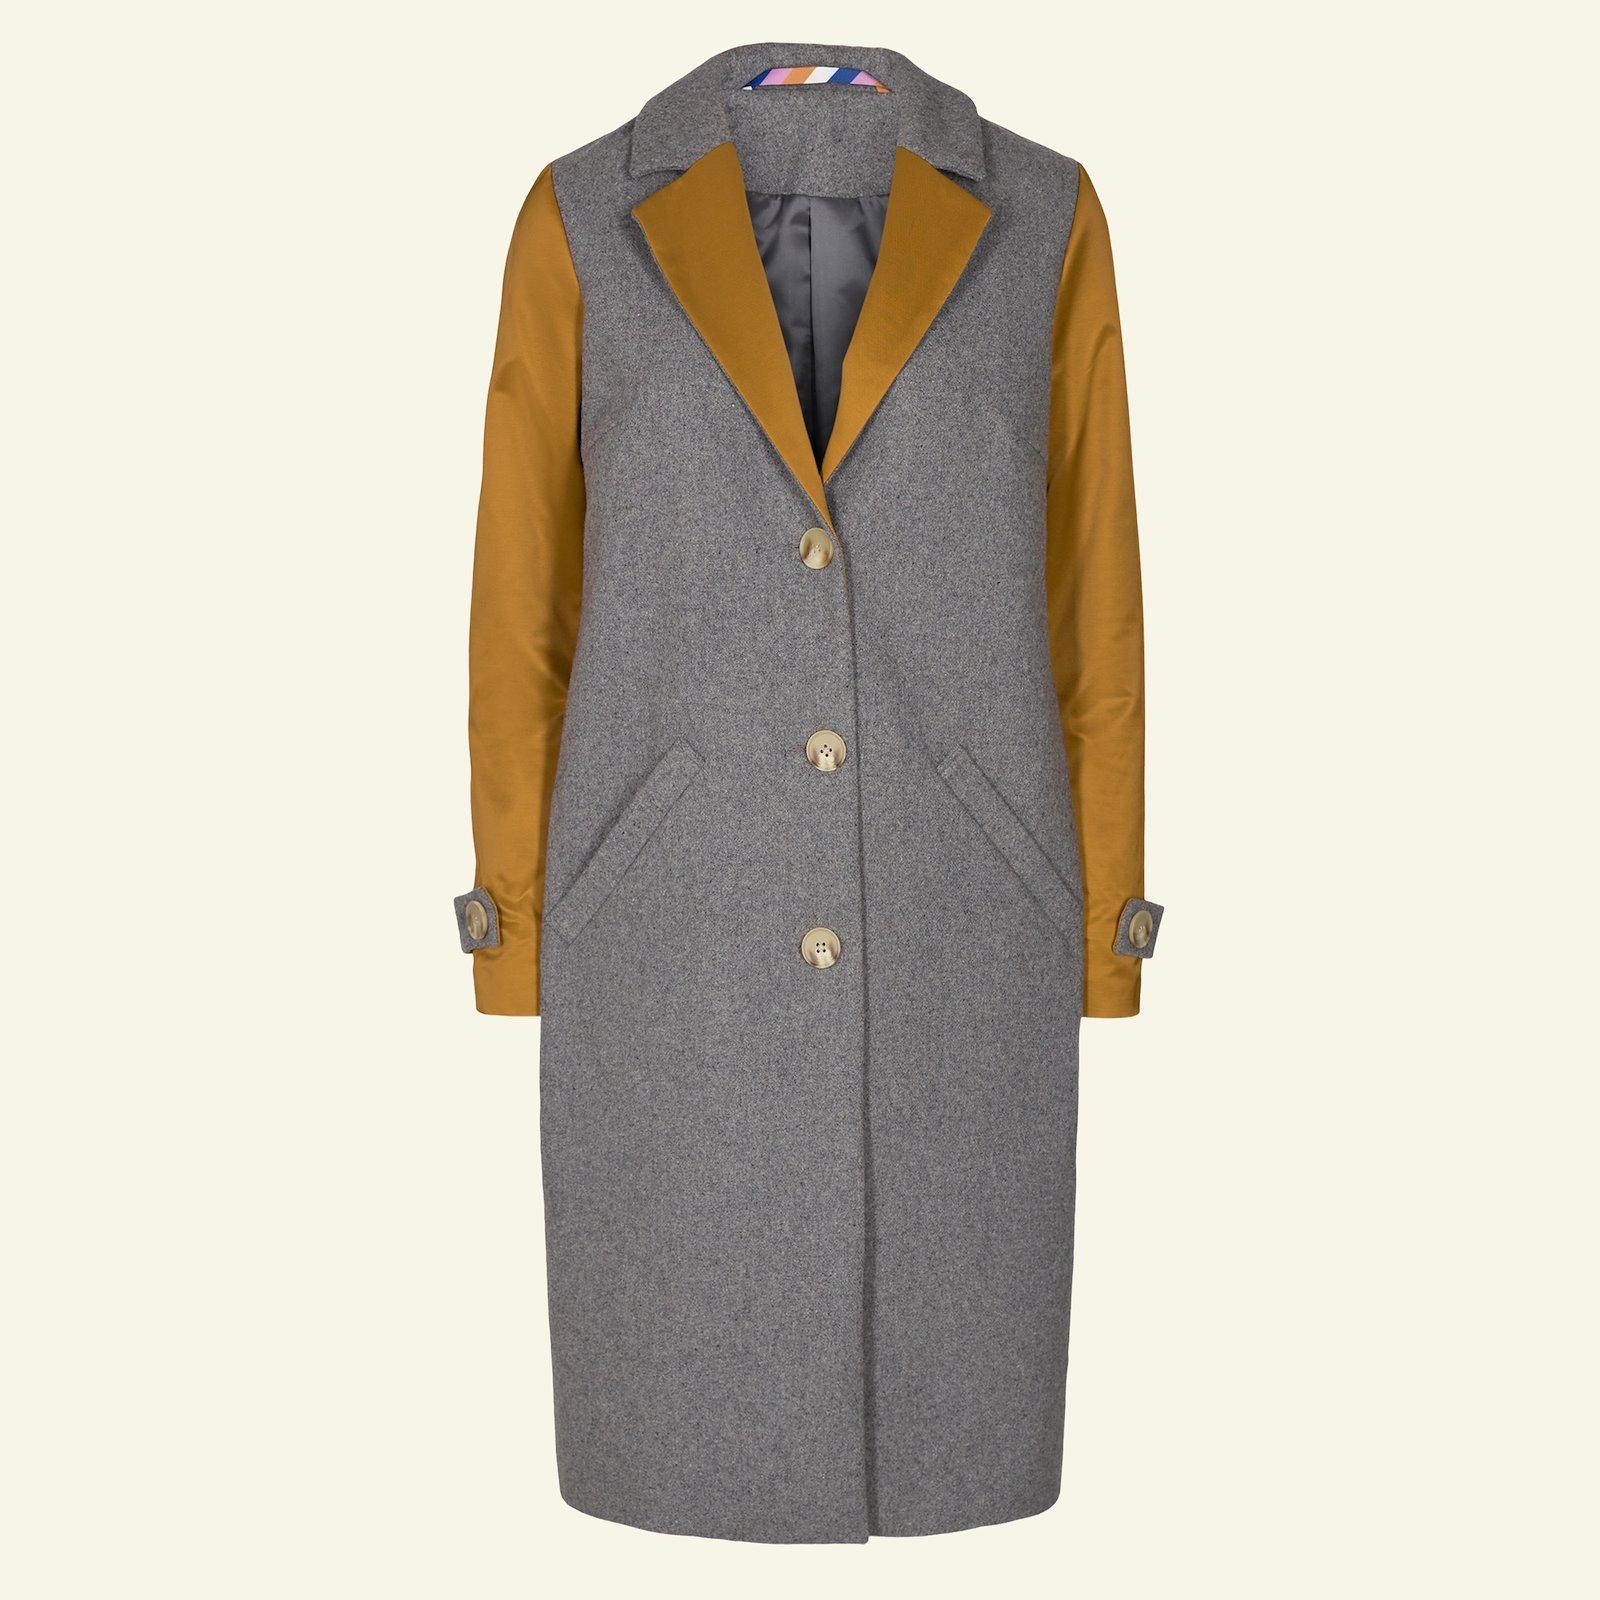 Wool light grey melange waterrepelling p24041_300130_450818_5005_40239_21338_sskit